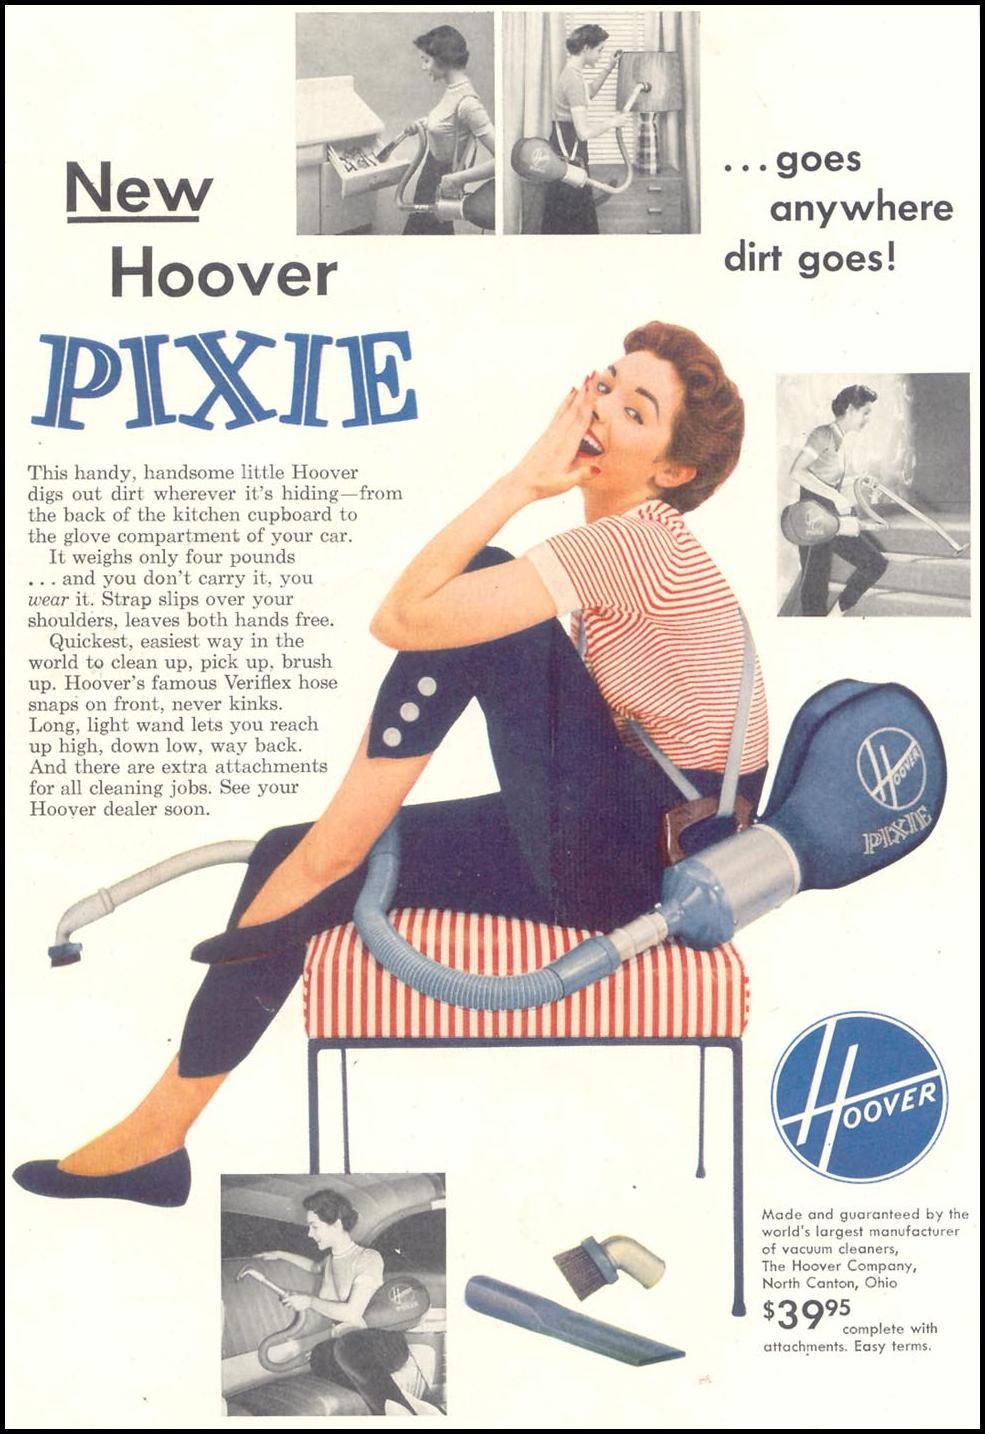 HOOVER PIXIE VACUUM CLEANER SATURDAY EVENING POST 04/09/1955 p. 71